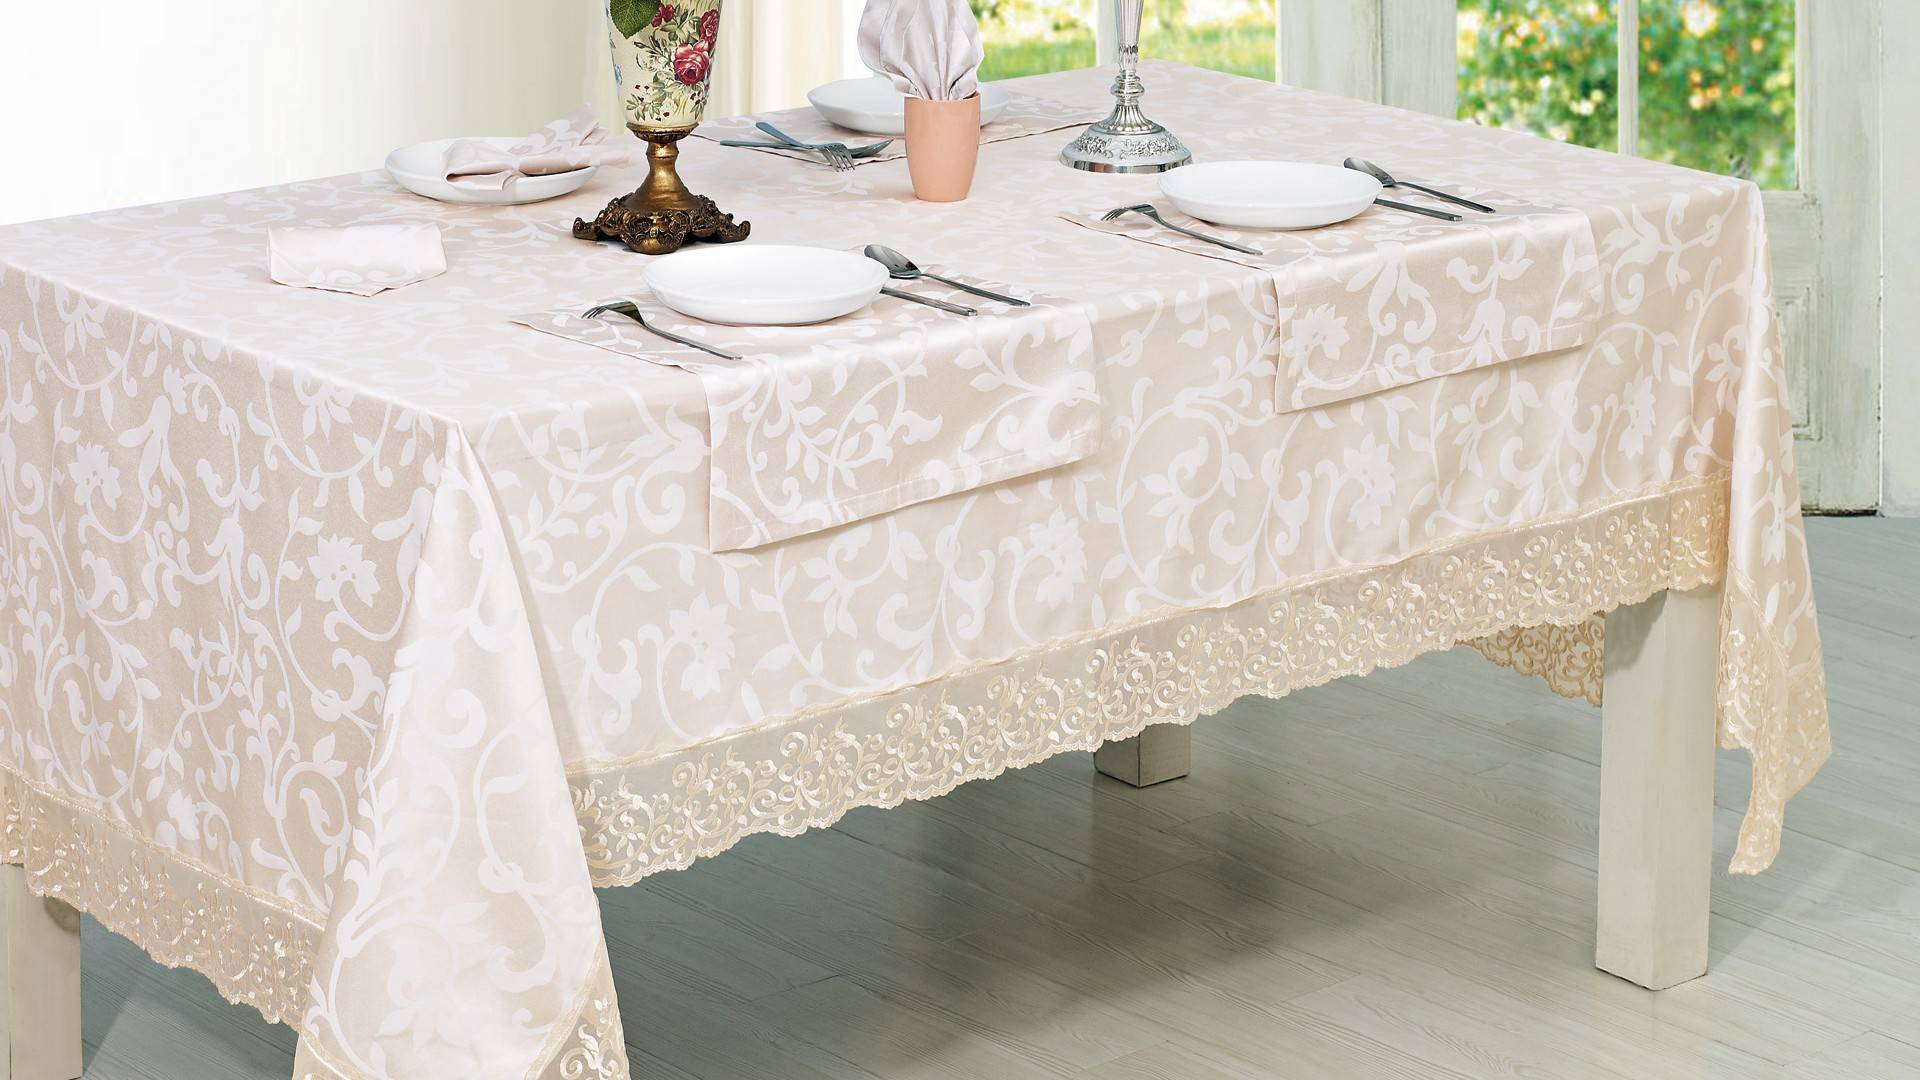 Как сшить скатерть на круглый стол: пошаговый пошив круглой скатерти своими руками, фото изделия